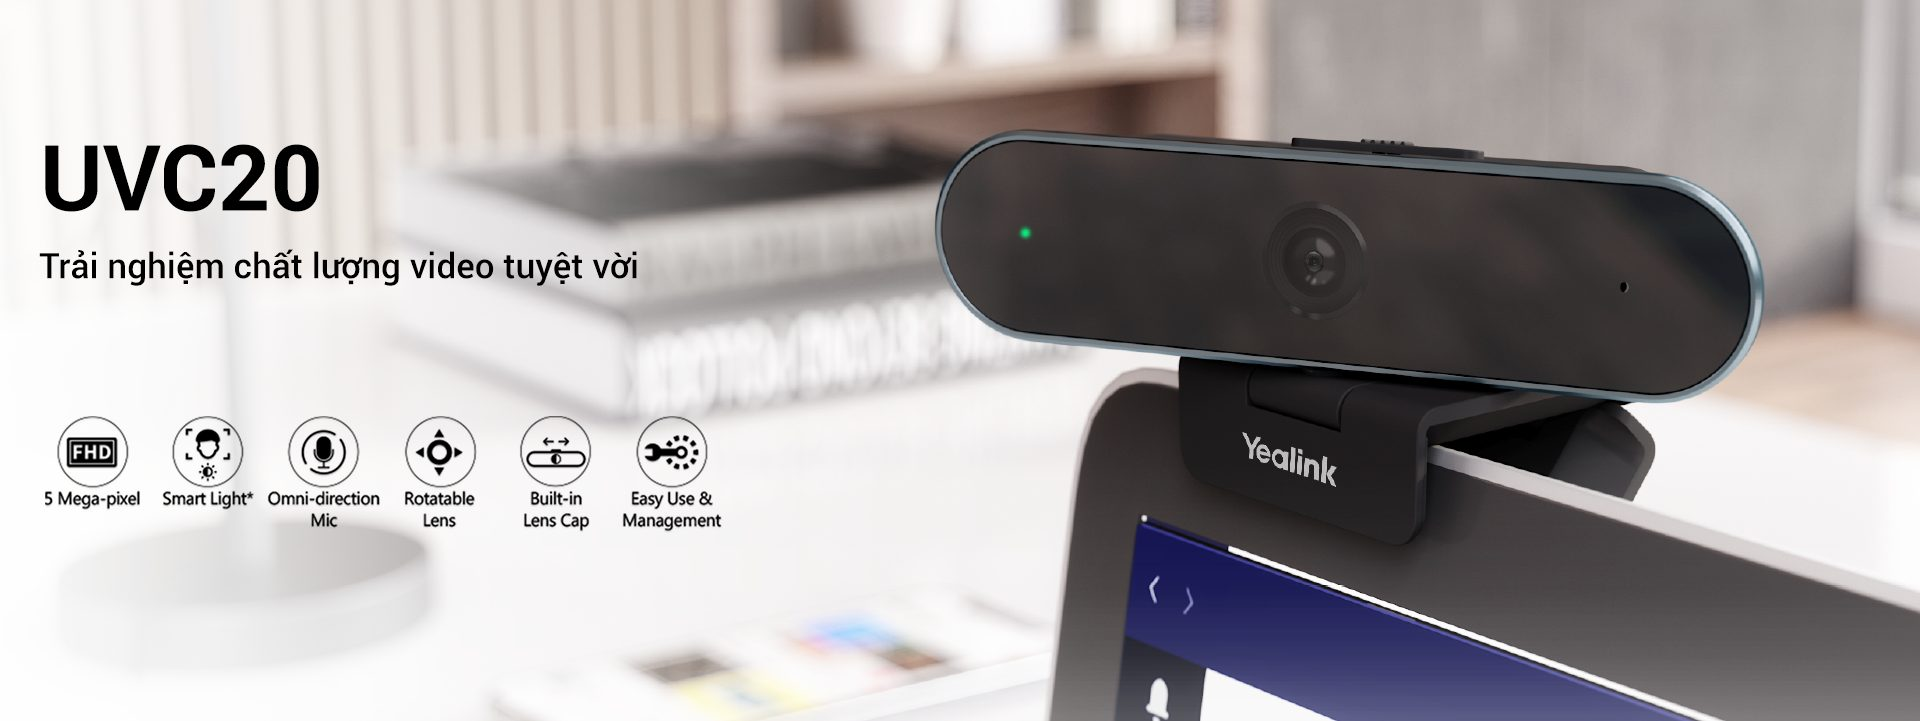 Camera UVC20 - Thiết bị họp trực tuyến Yealink